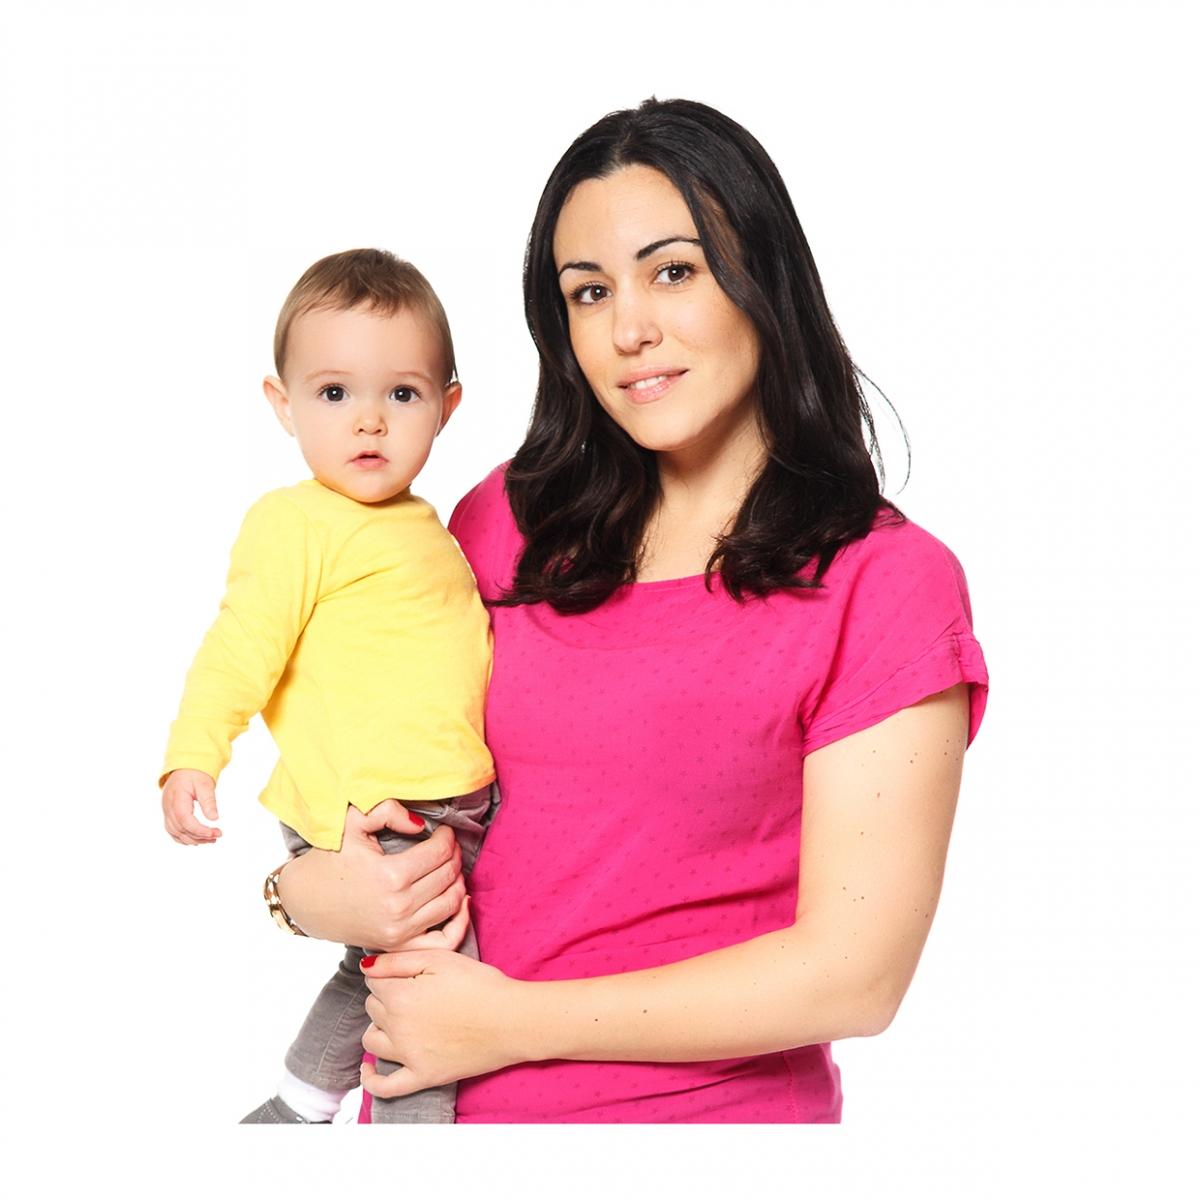 Imagen en la que se ve una madre sosteniendo a su hijo en brazos en medio cuerpo